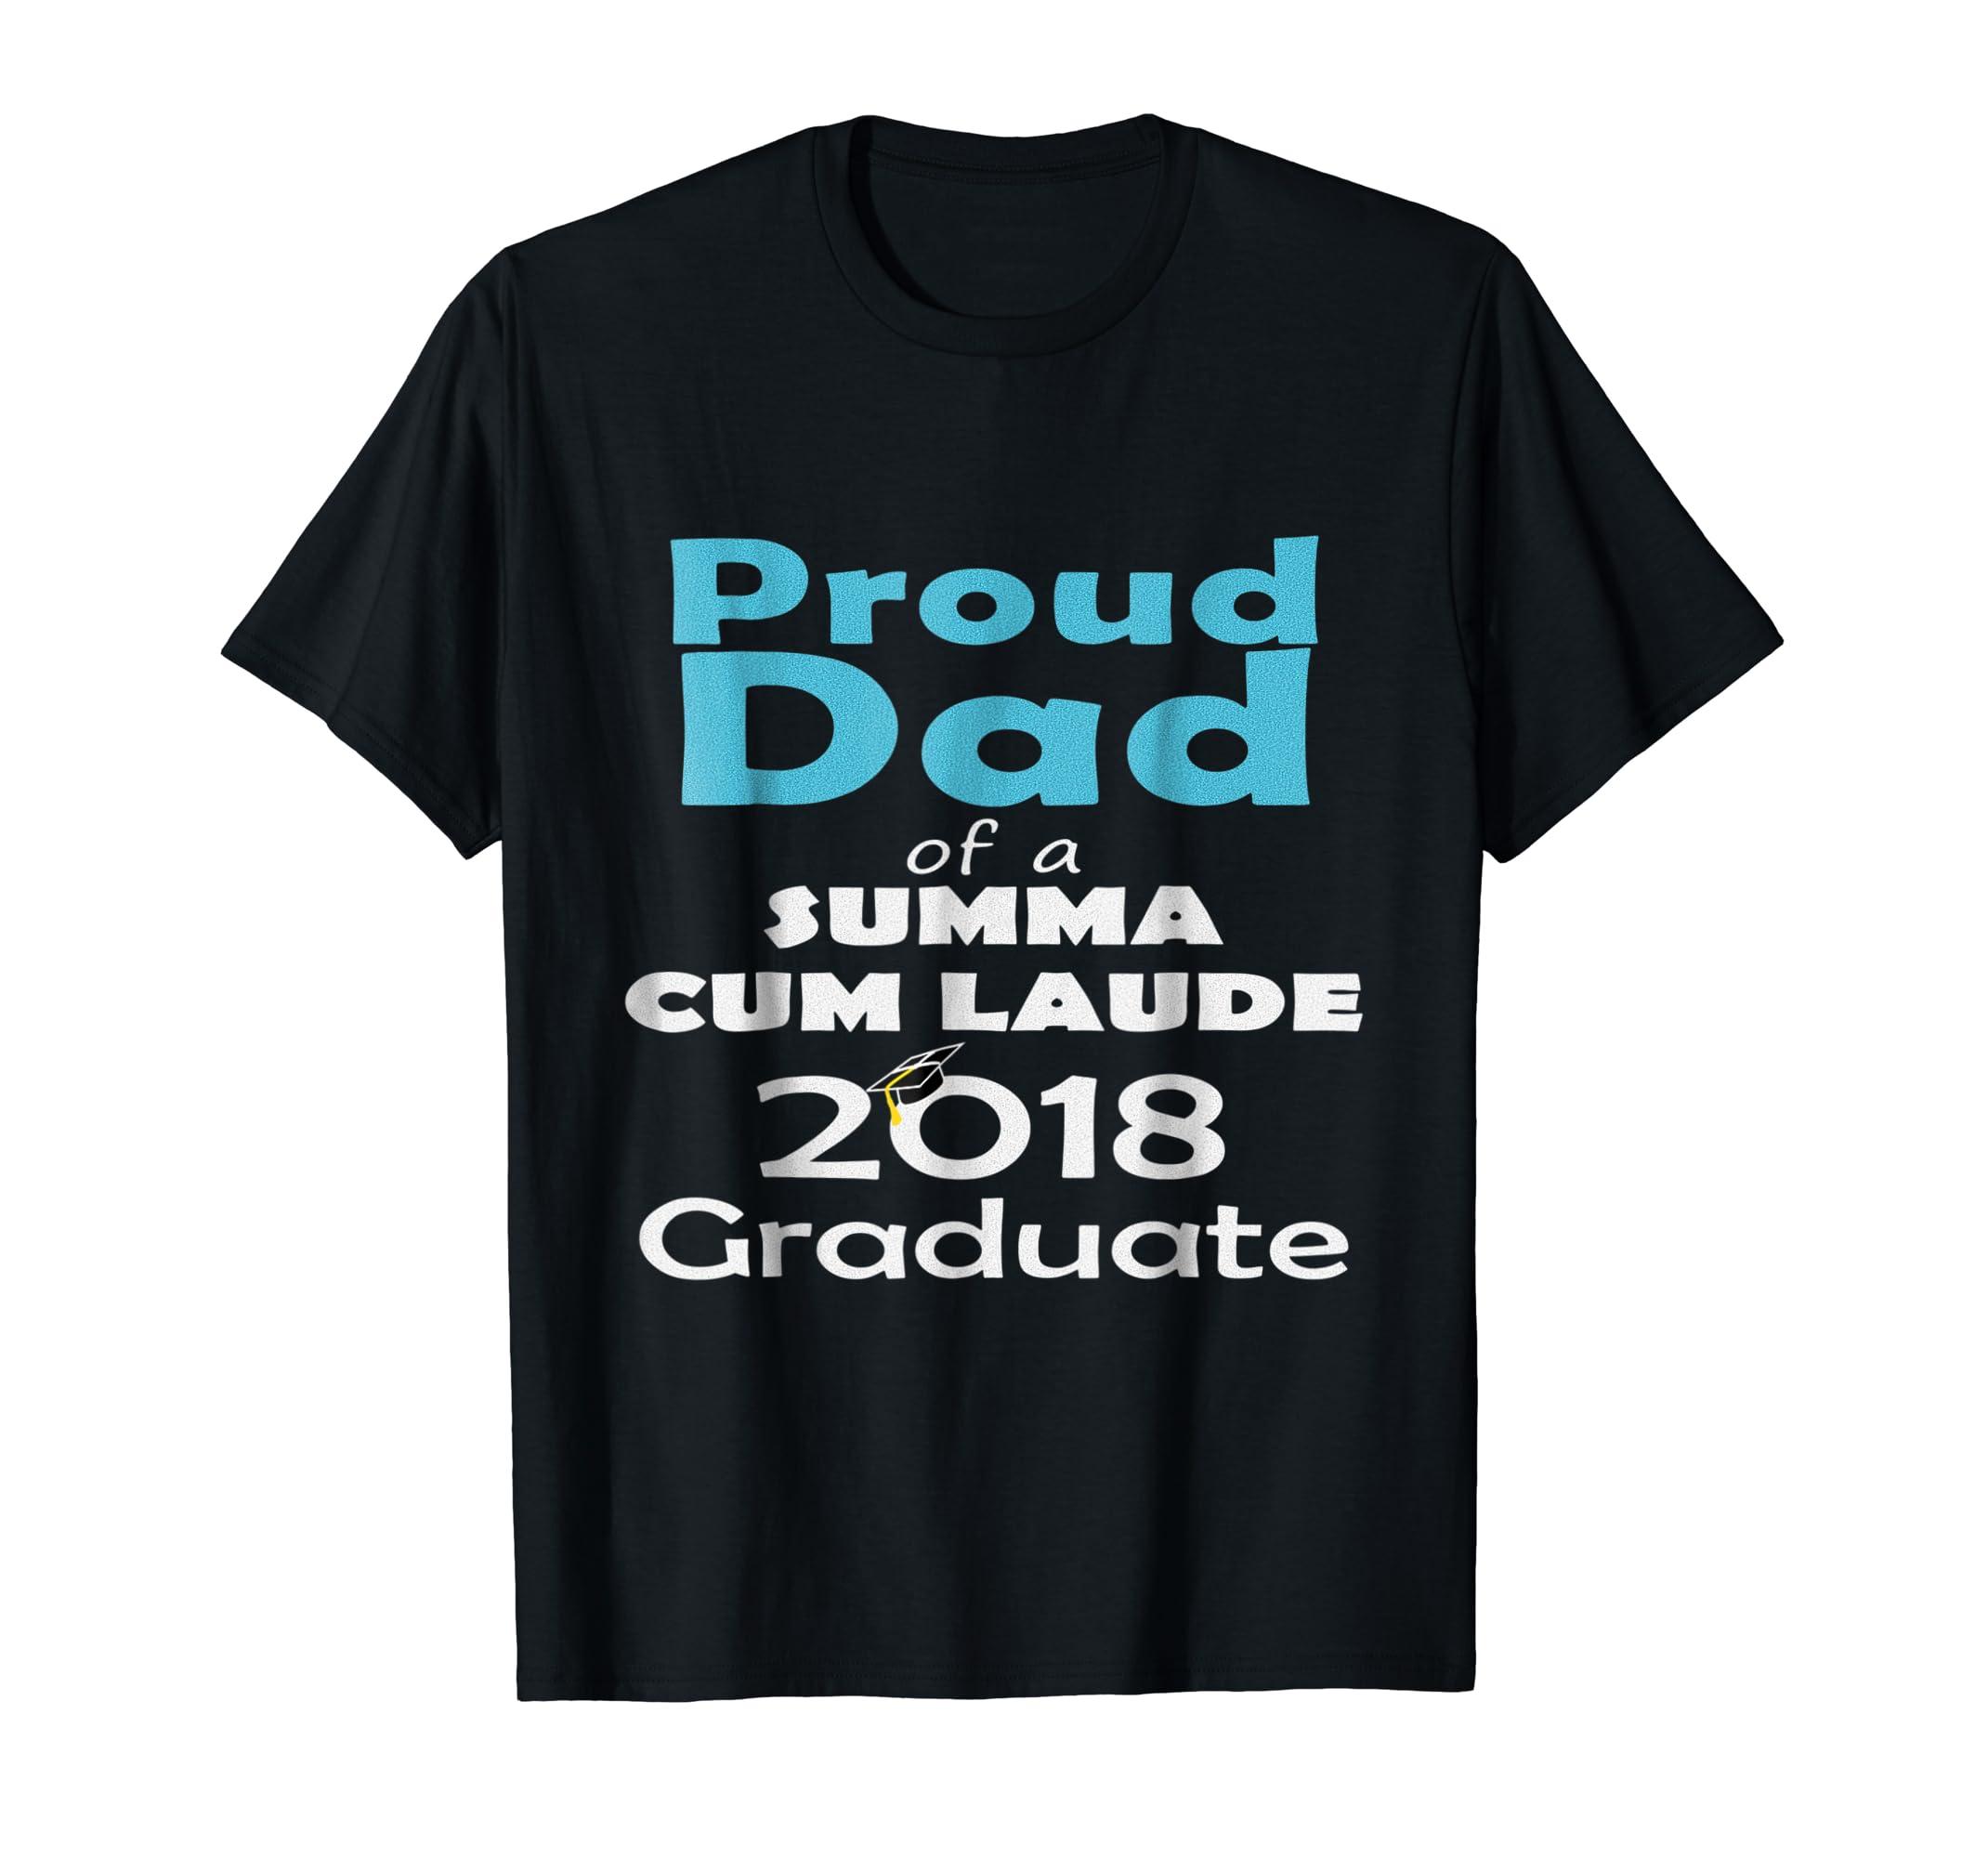 6c39780b Amazon.com: Proud Dad of Summa Cum Laude Class of 2018 Graduate: Clothing